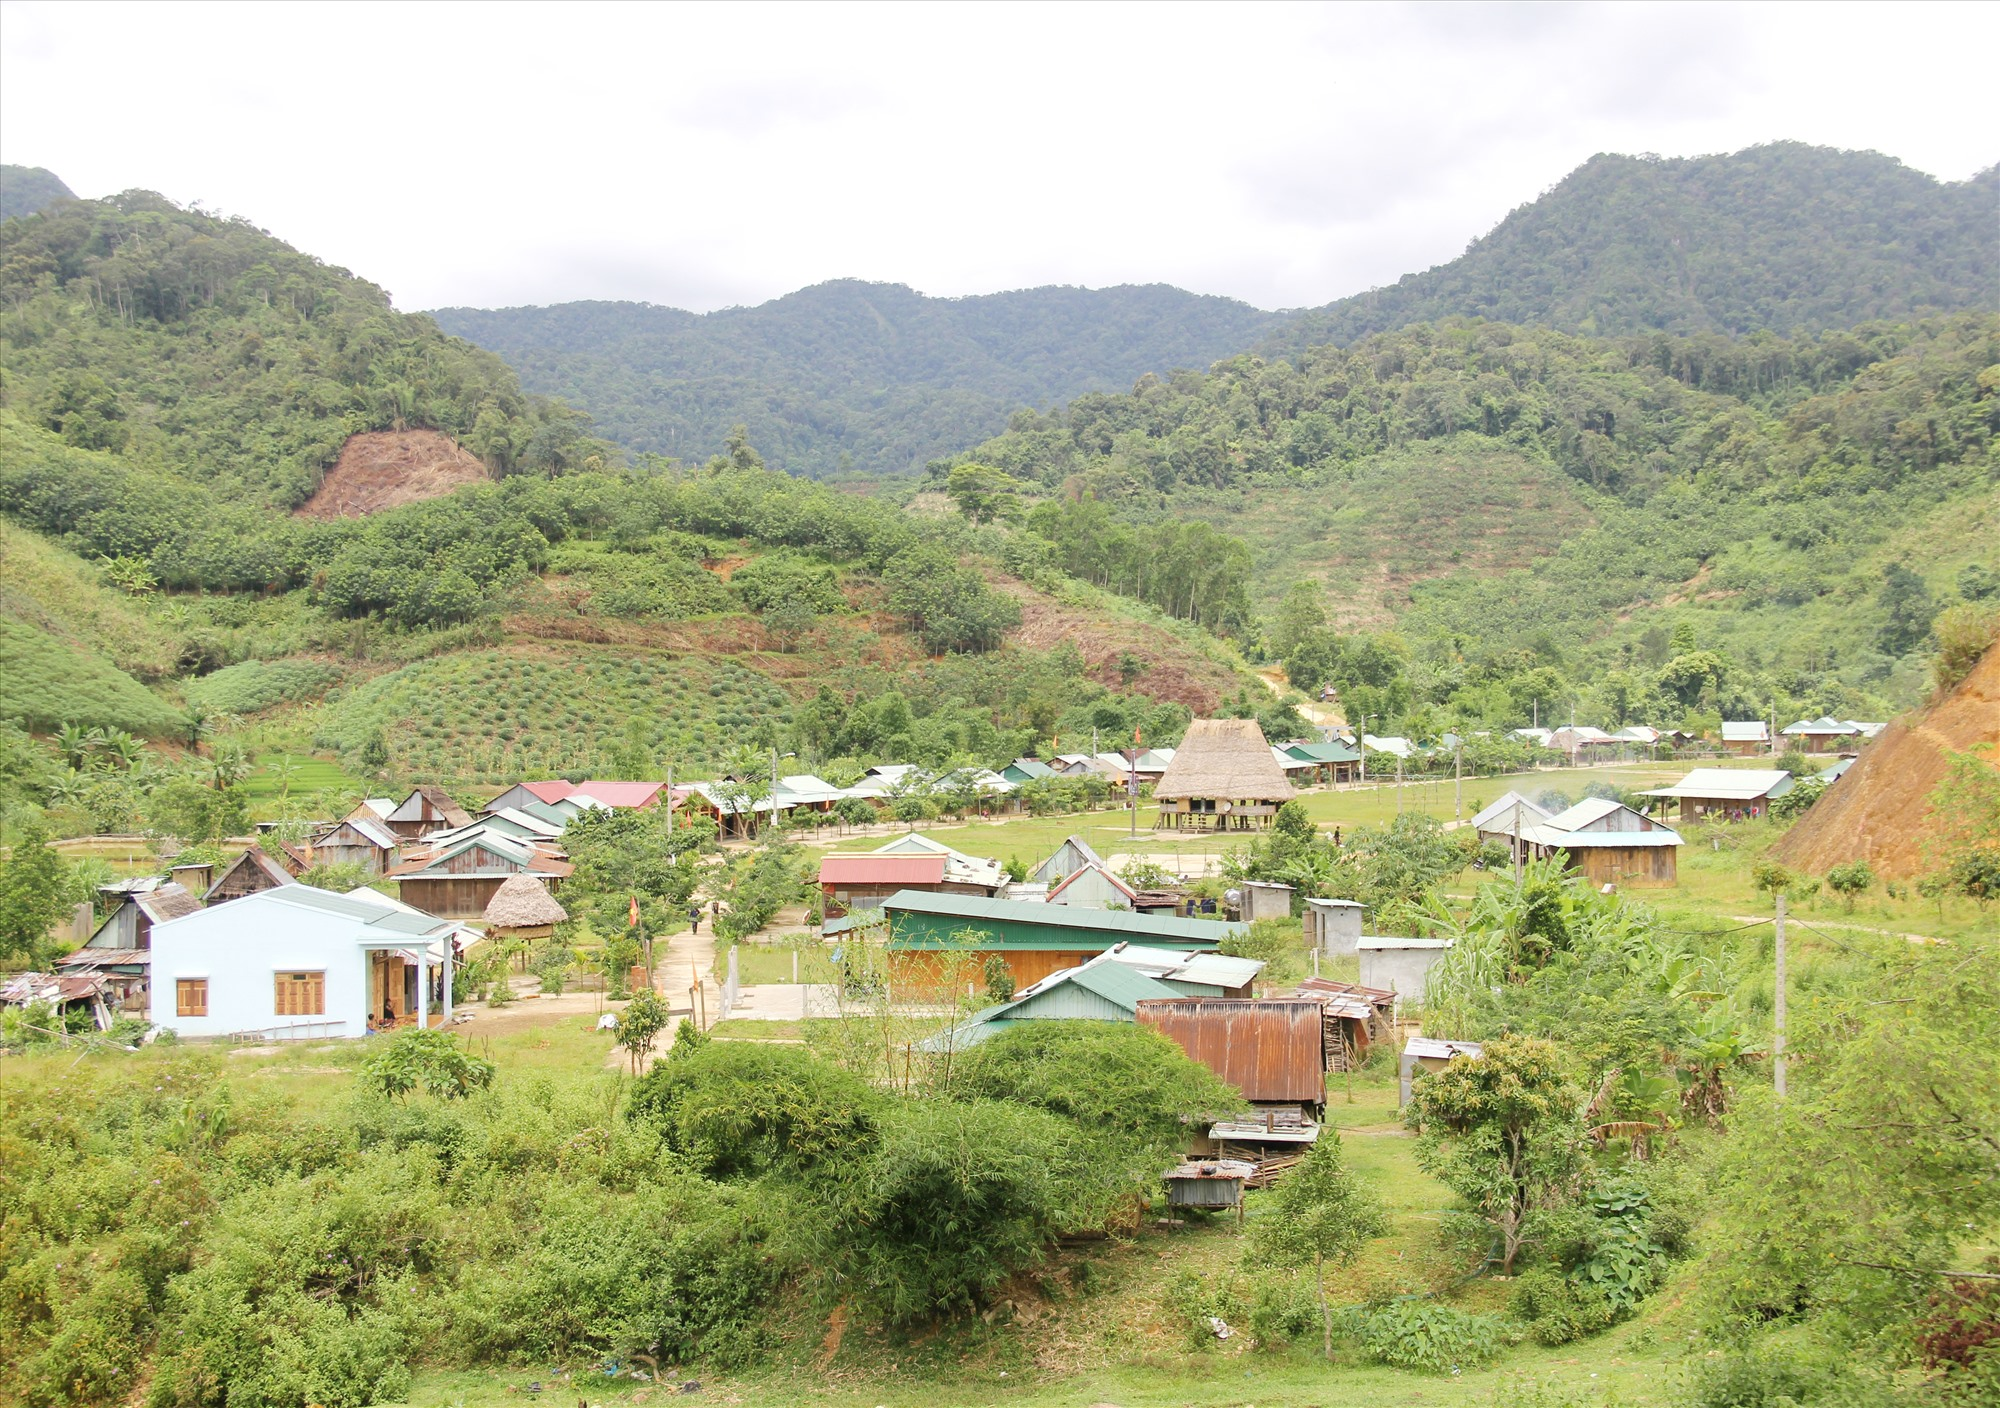 Tỷ lệ hộ nghèo khu vực miền núi, vùng dân tộc thiểu số của tỉnh còn cao. Ảnh: ALĂNG NGƯỚC